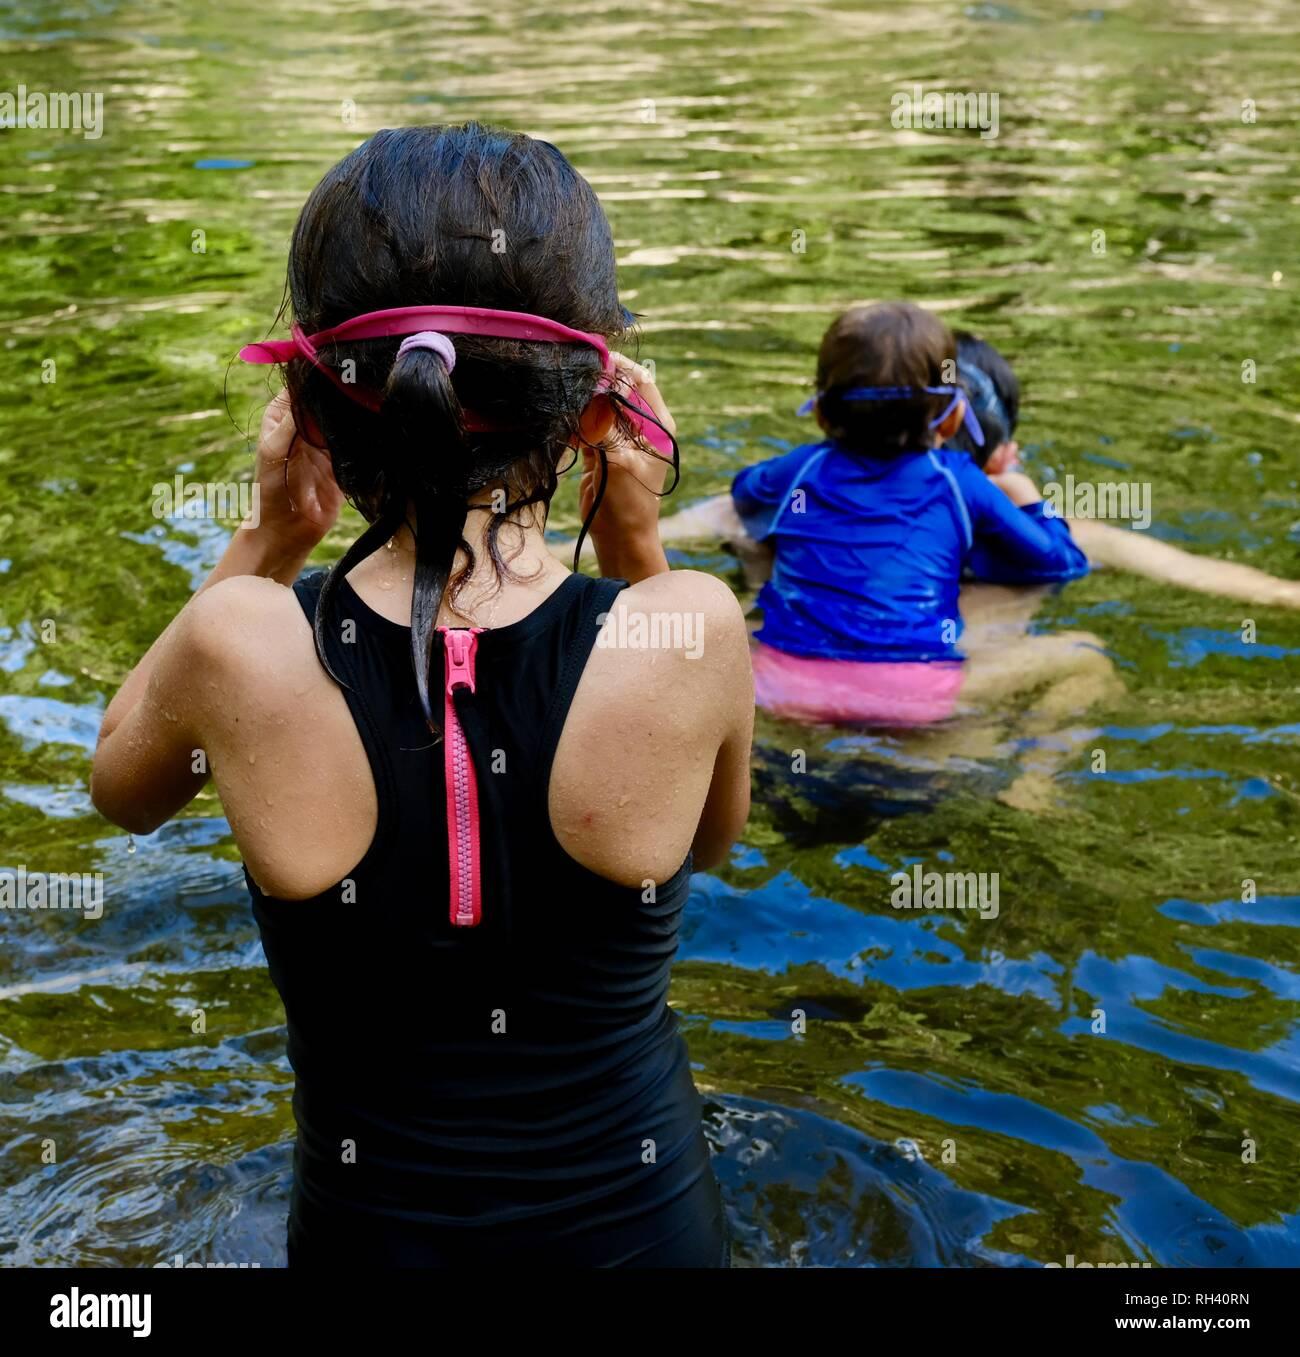 Natación con la madre hija en la espalda, Finch Hatton, Queensland, Australia 4756. Foto de stock